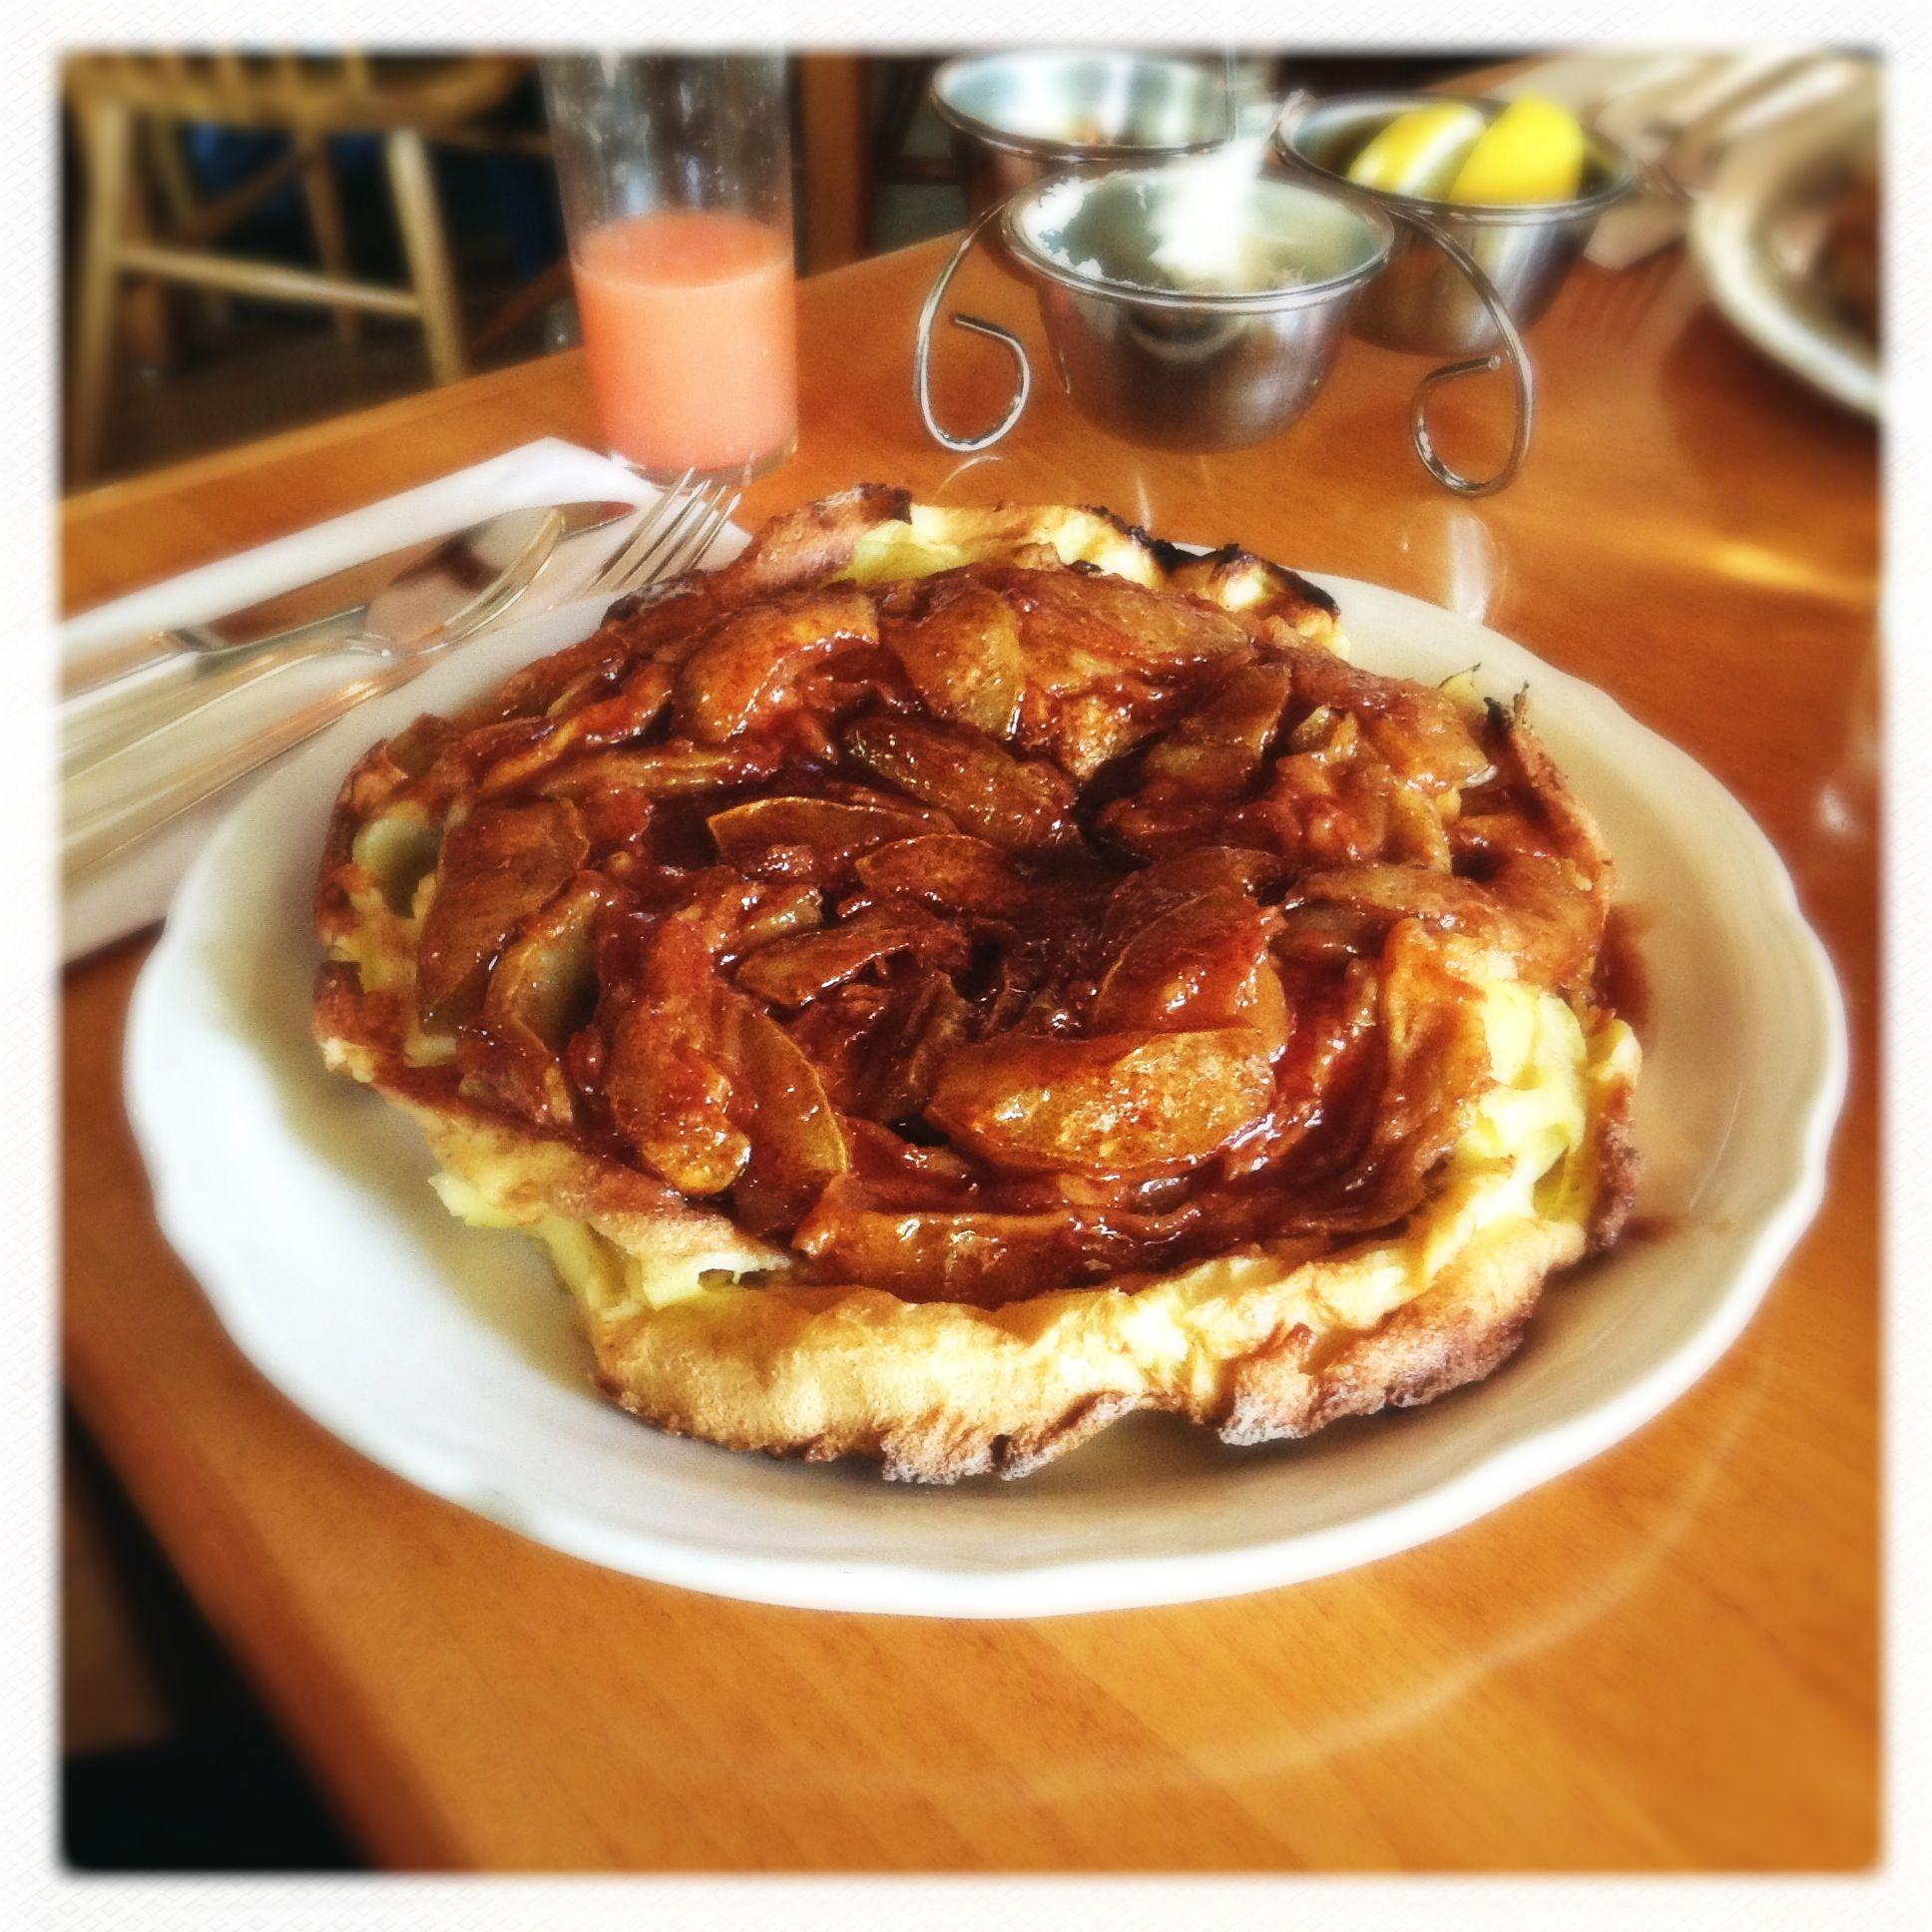 Apple Dutch Baby Pancake @ The Original Pancake House in ...